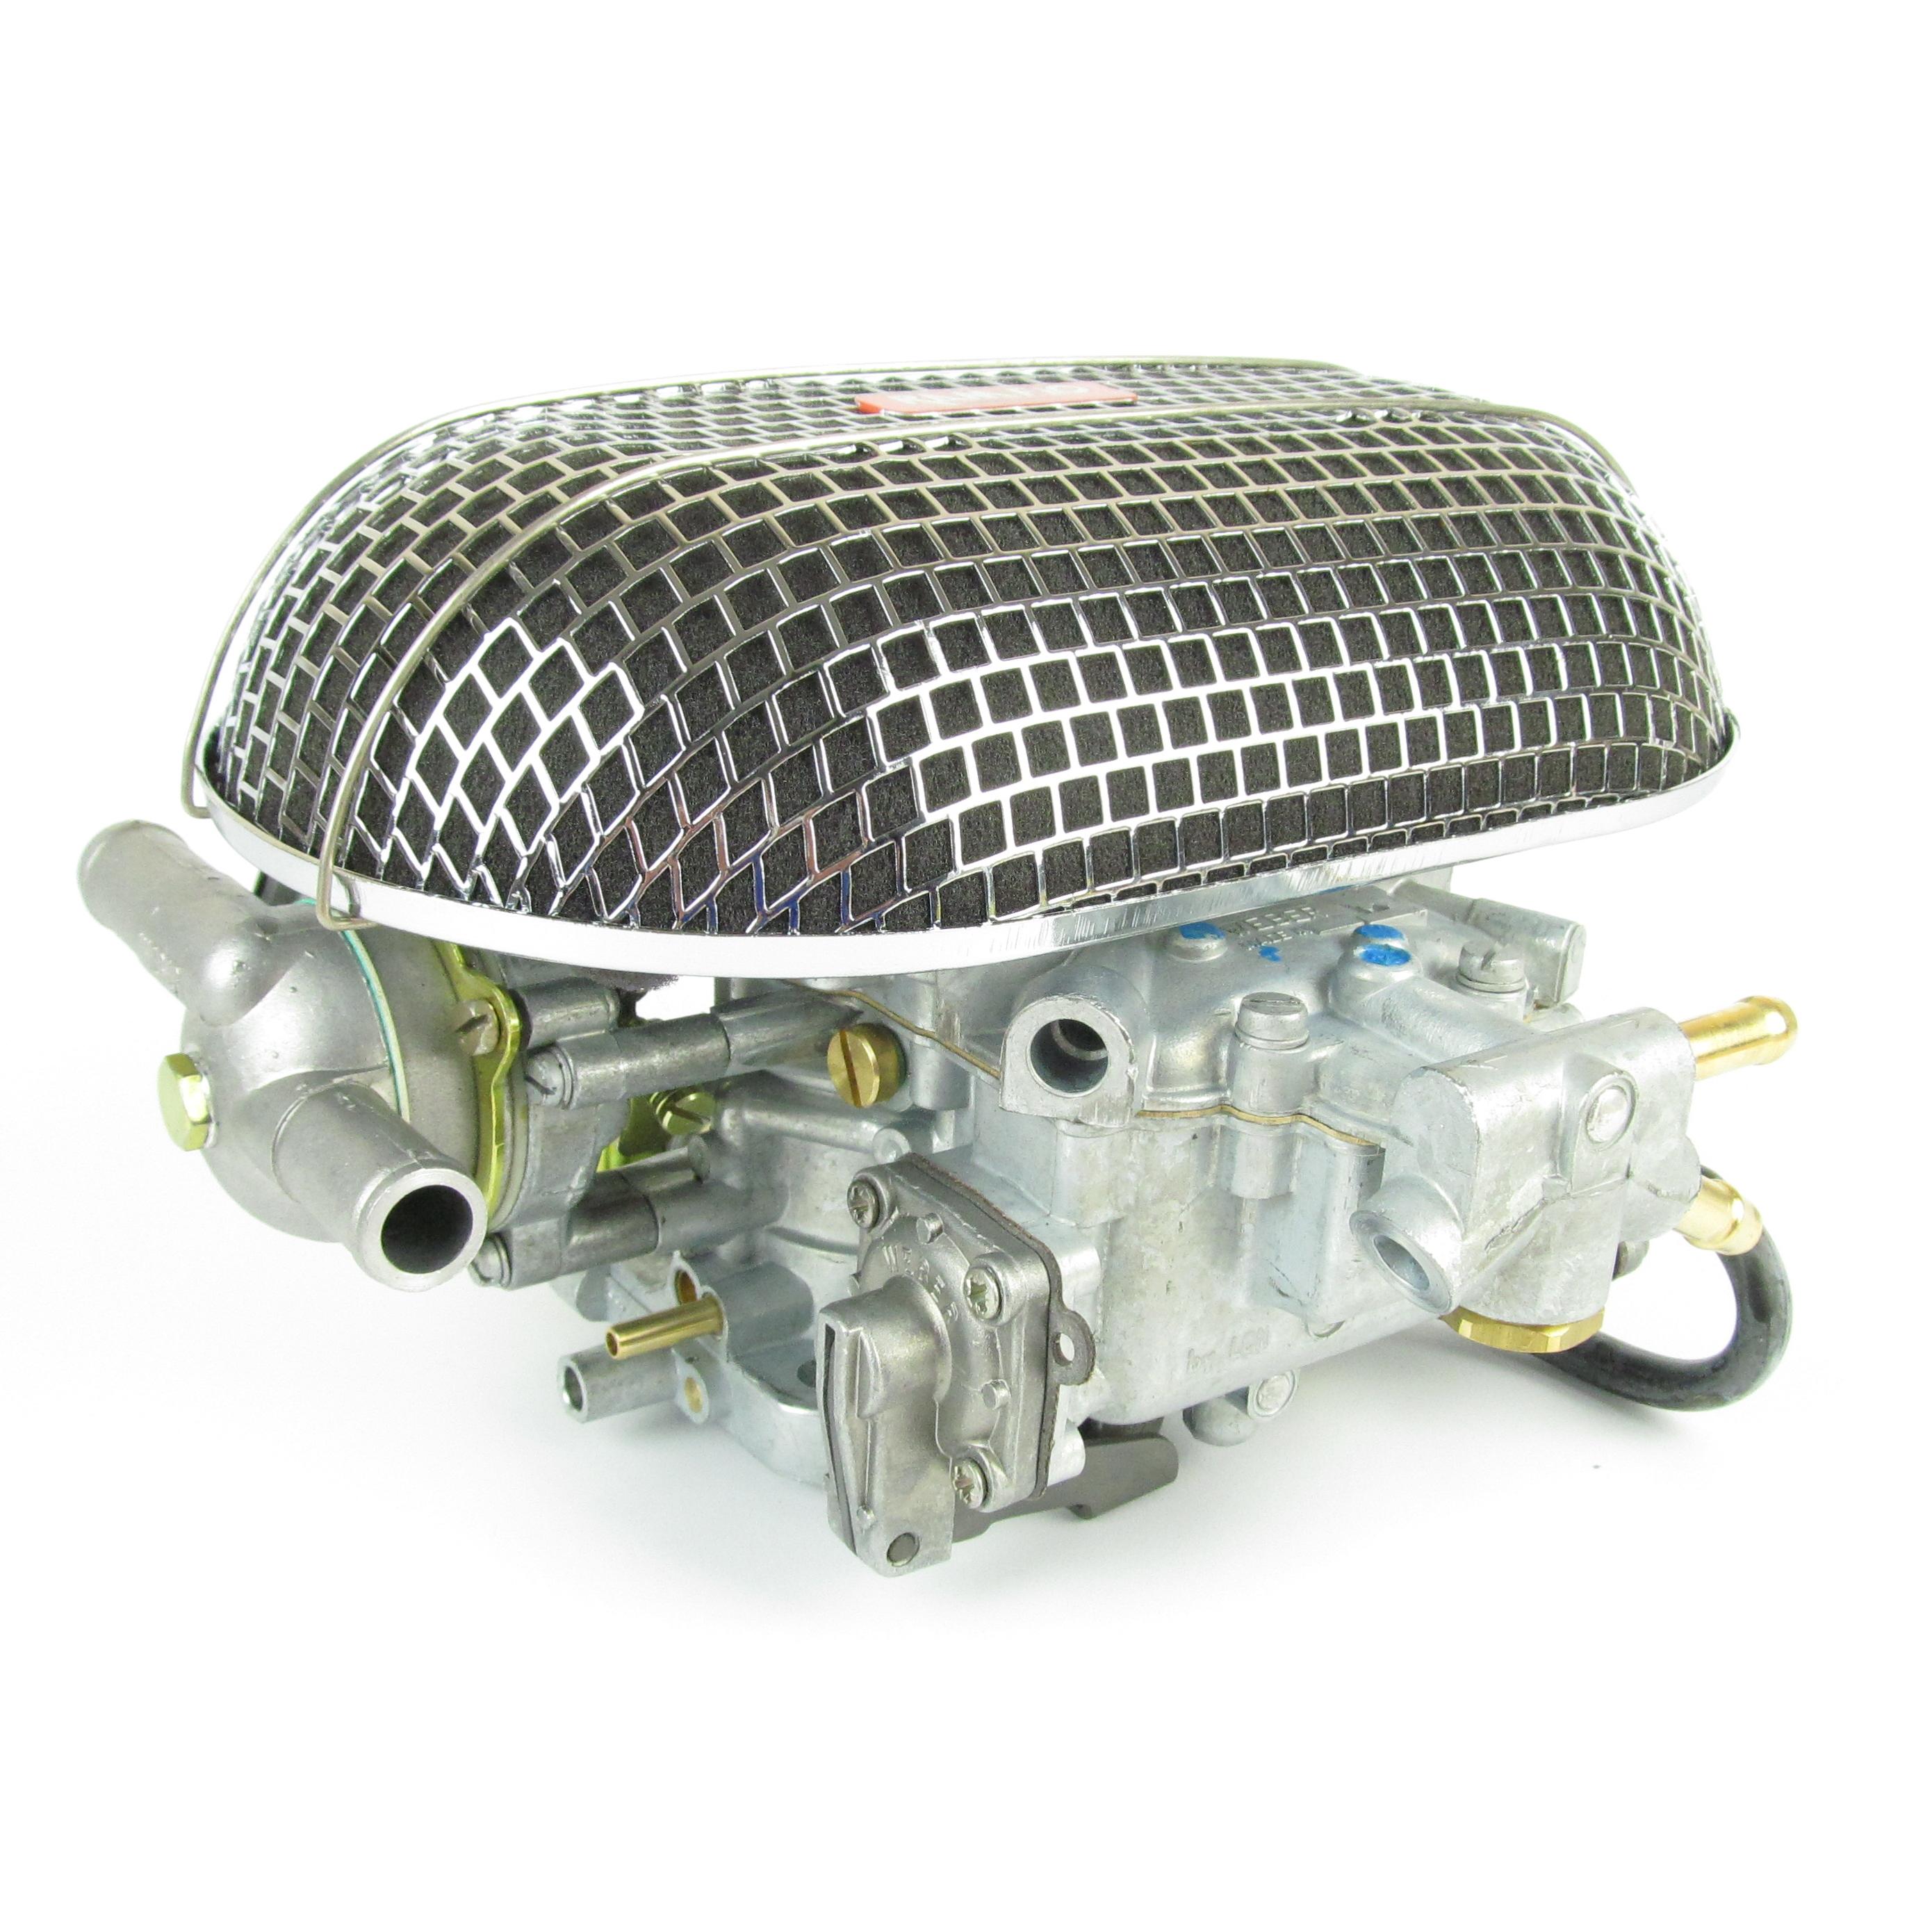 WEBER 32/36 DGV/DGAV & 38 DGMS/DGAS TWIN CARBS - LYNX/RAMFLO AIR FILTER